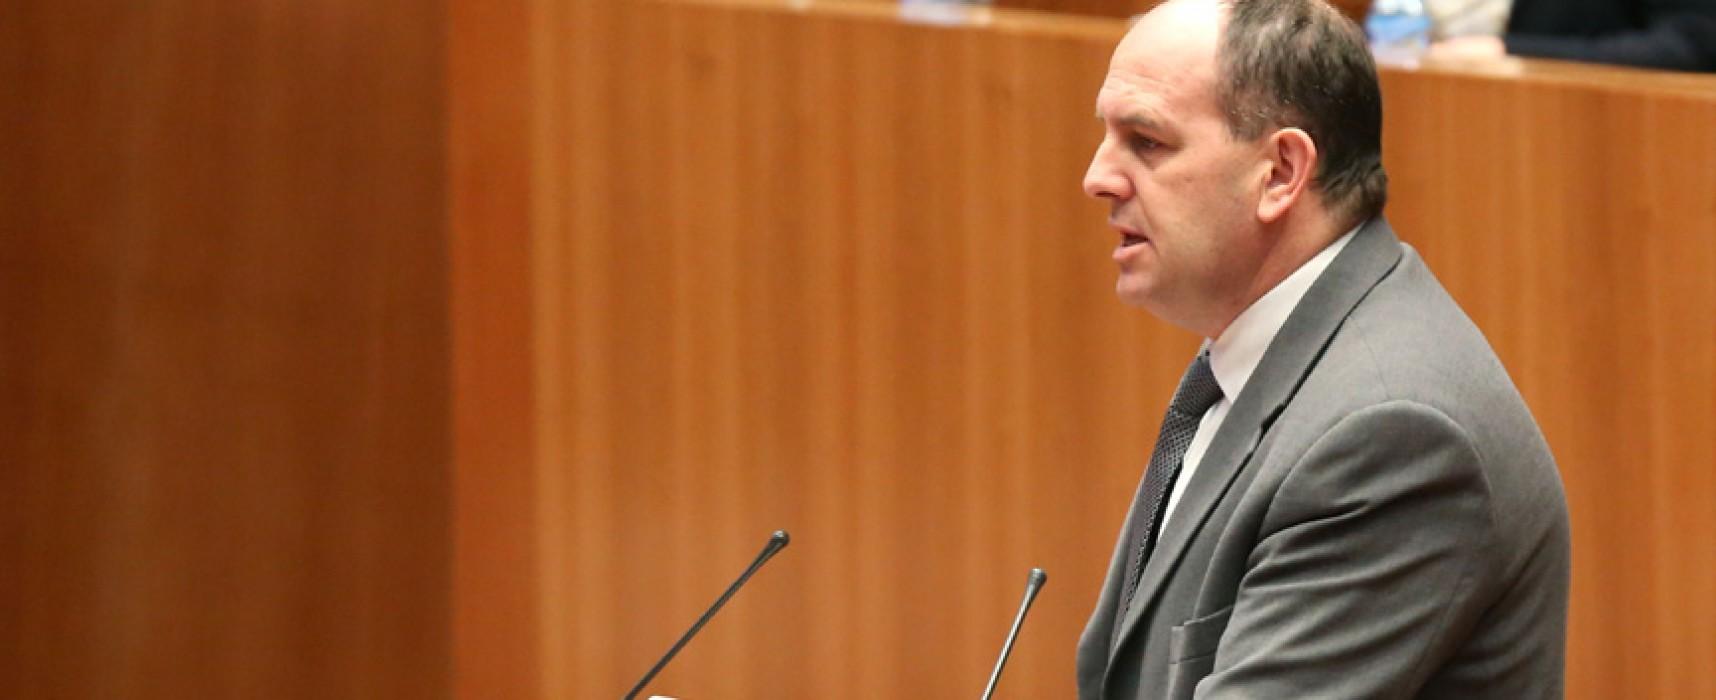 Un empate en la comisión de Fomento elevará al pleno de las Cortes las obras del Ayuntamiento de Olombrada